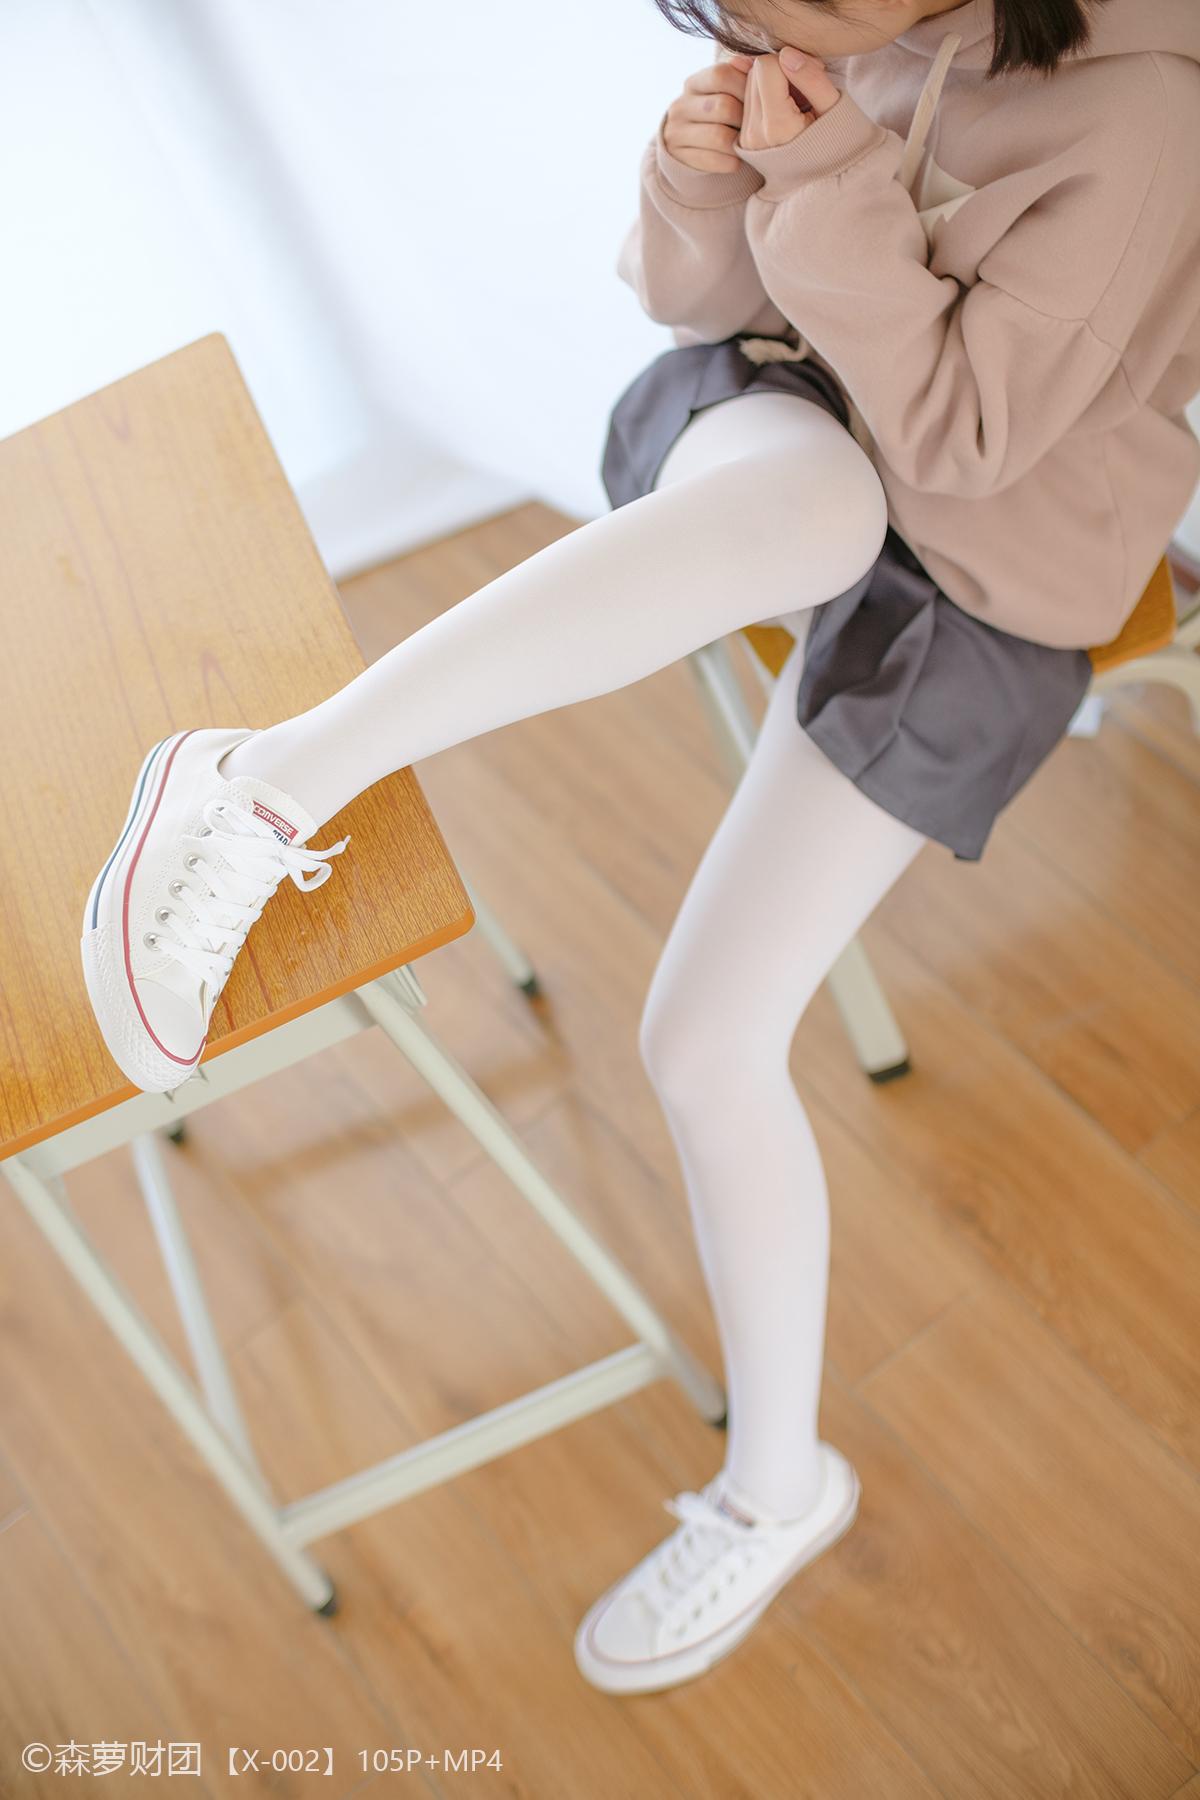 每日妹子图:绅士玩物腿玩年萝莉妹子遥遥子白丝福利